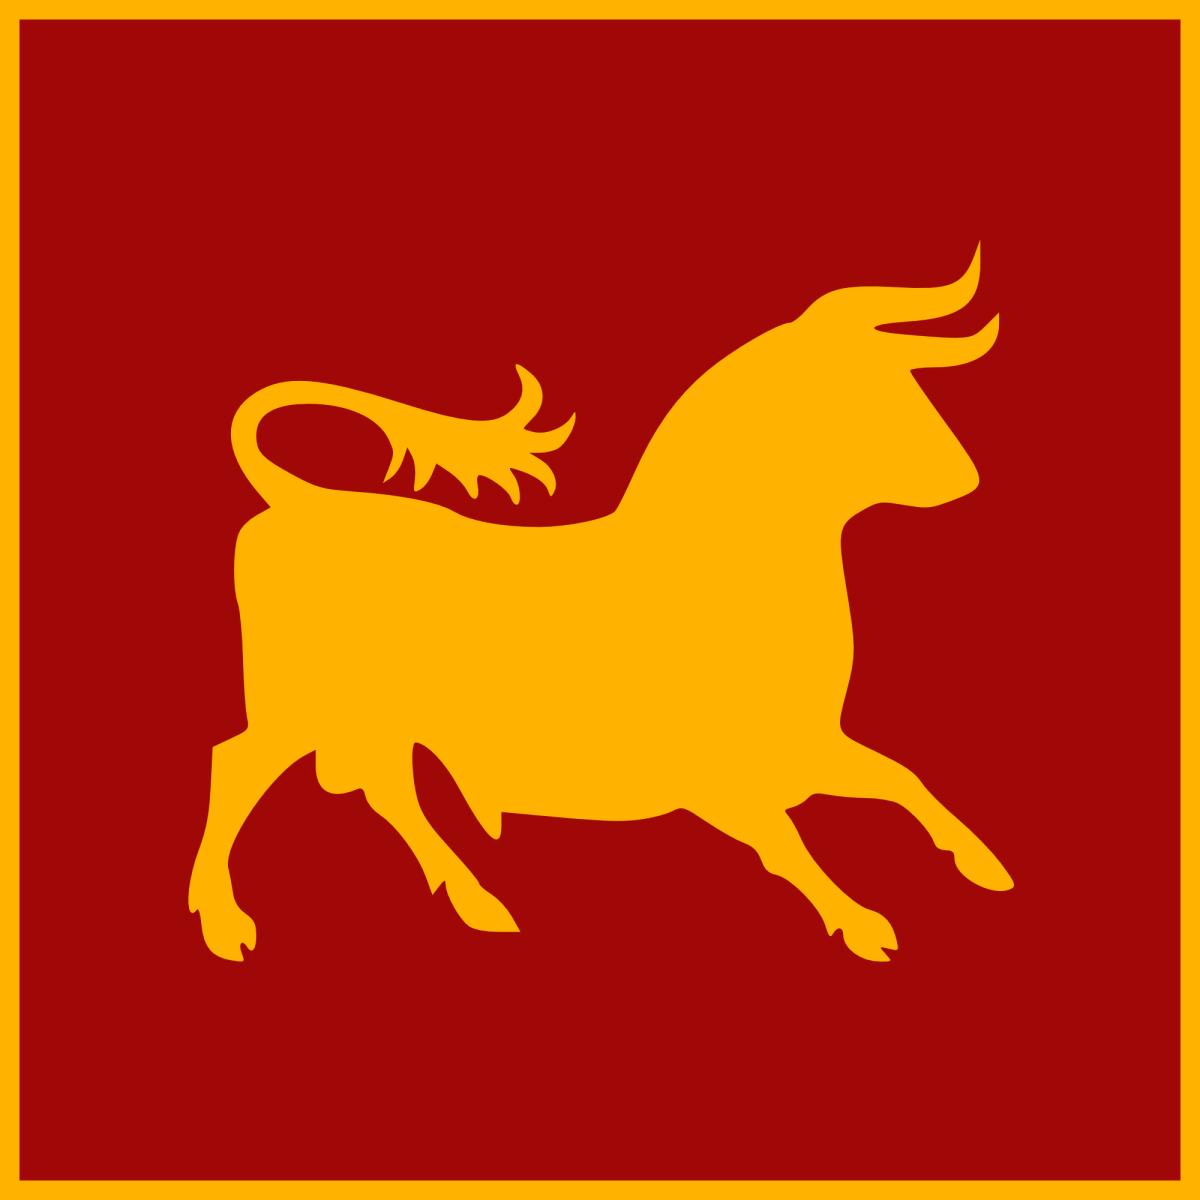 Caesar's Legion Vexillarum